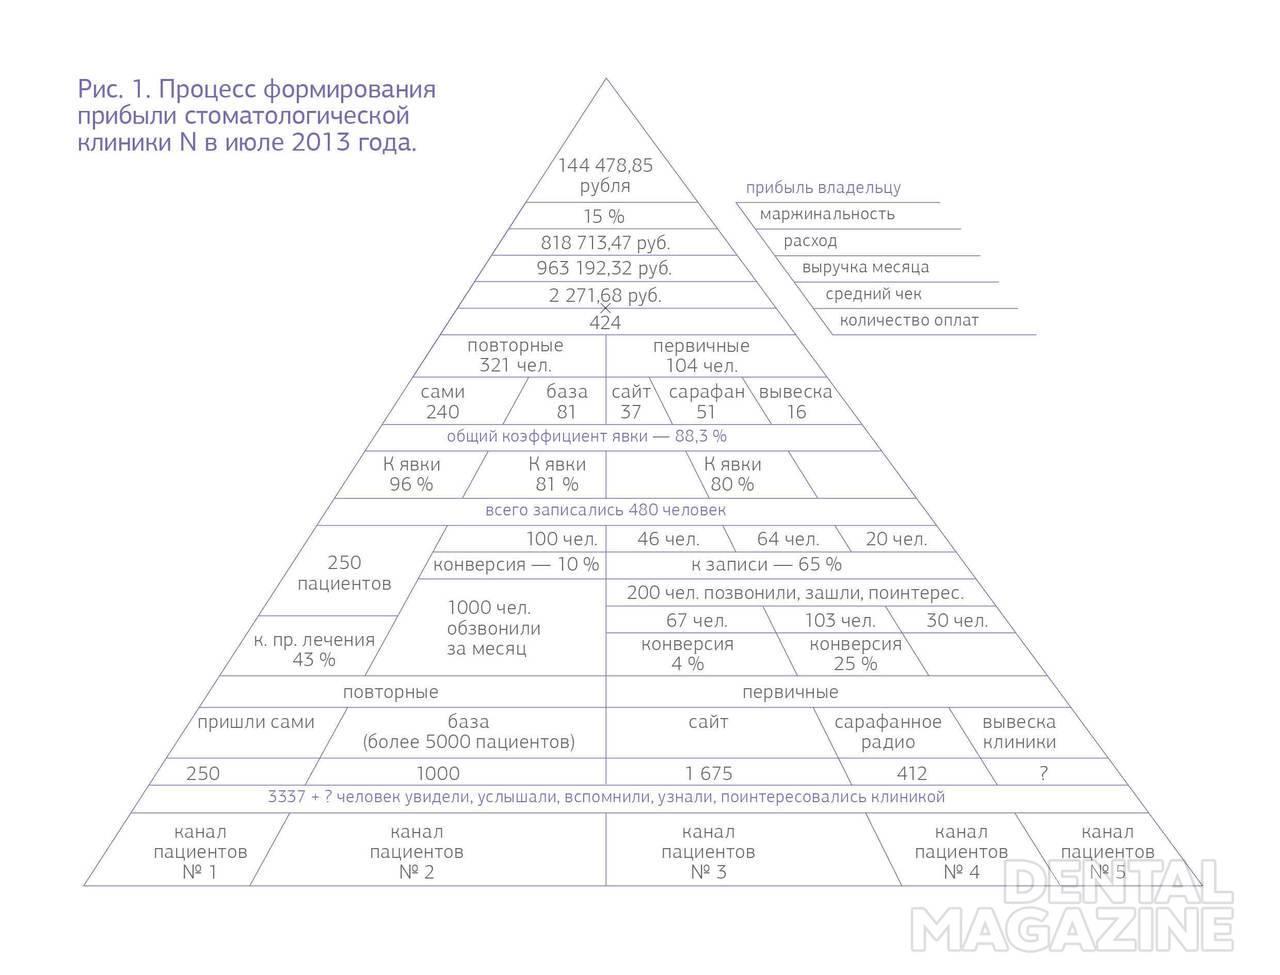 Рис. 1. Процесс формирования прибыли стоматологической клиники N в июле 2013 года.